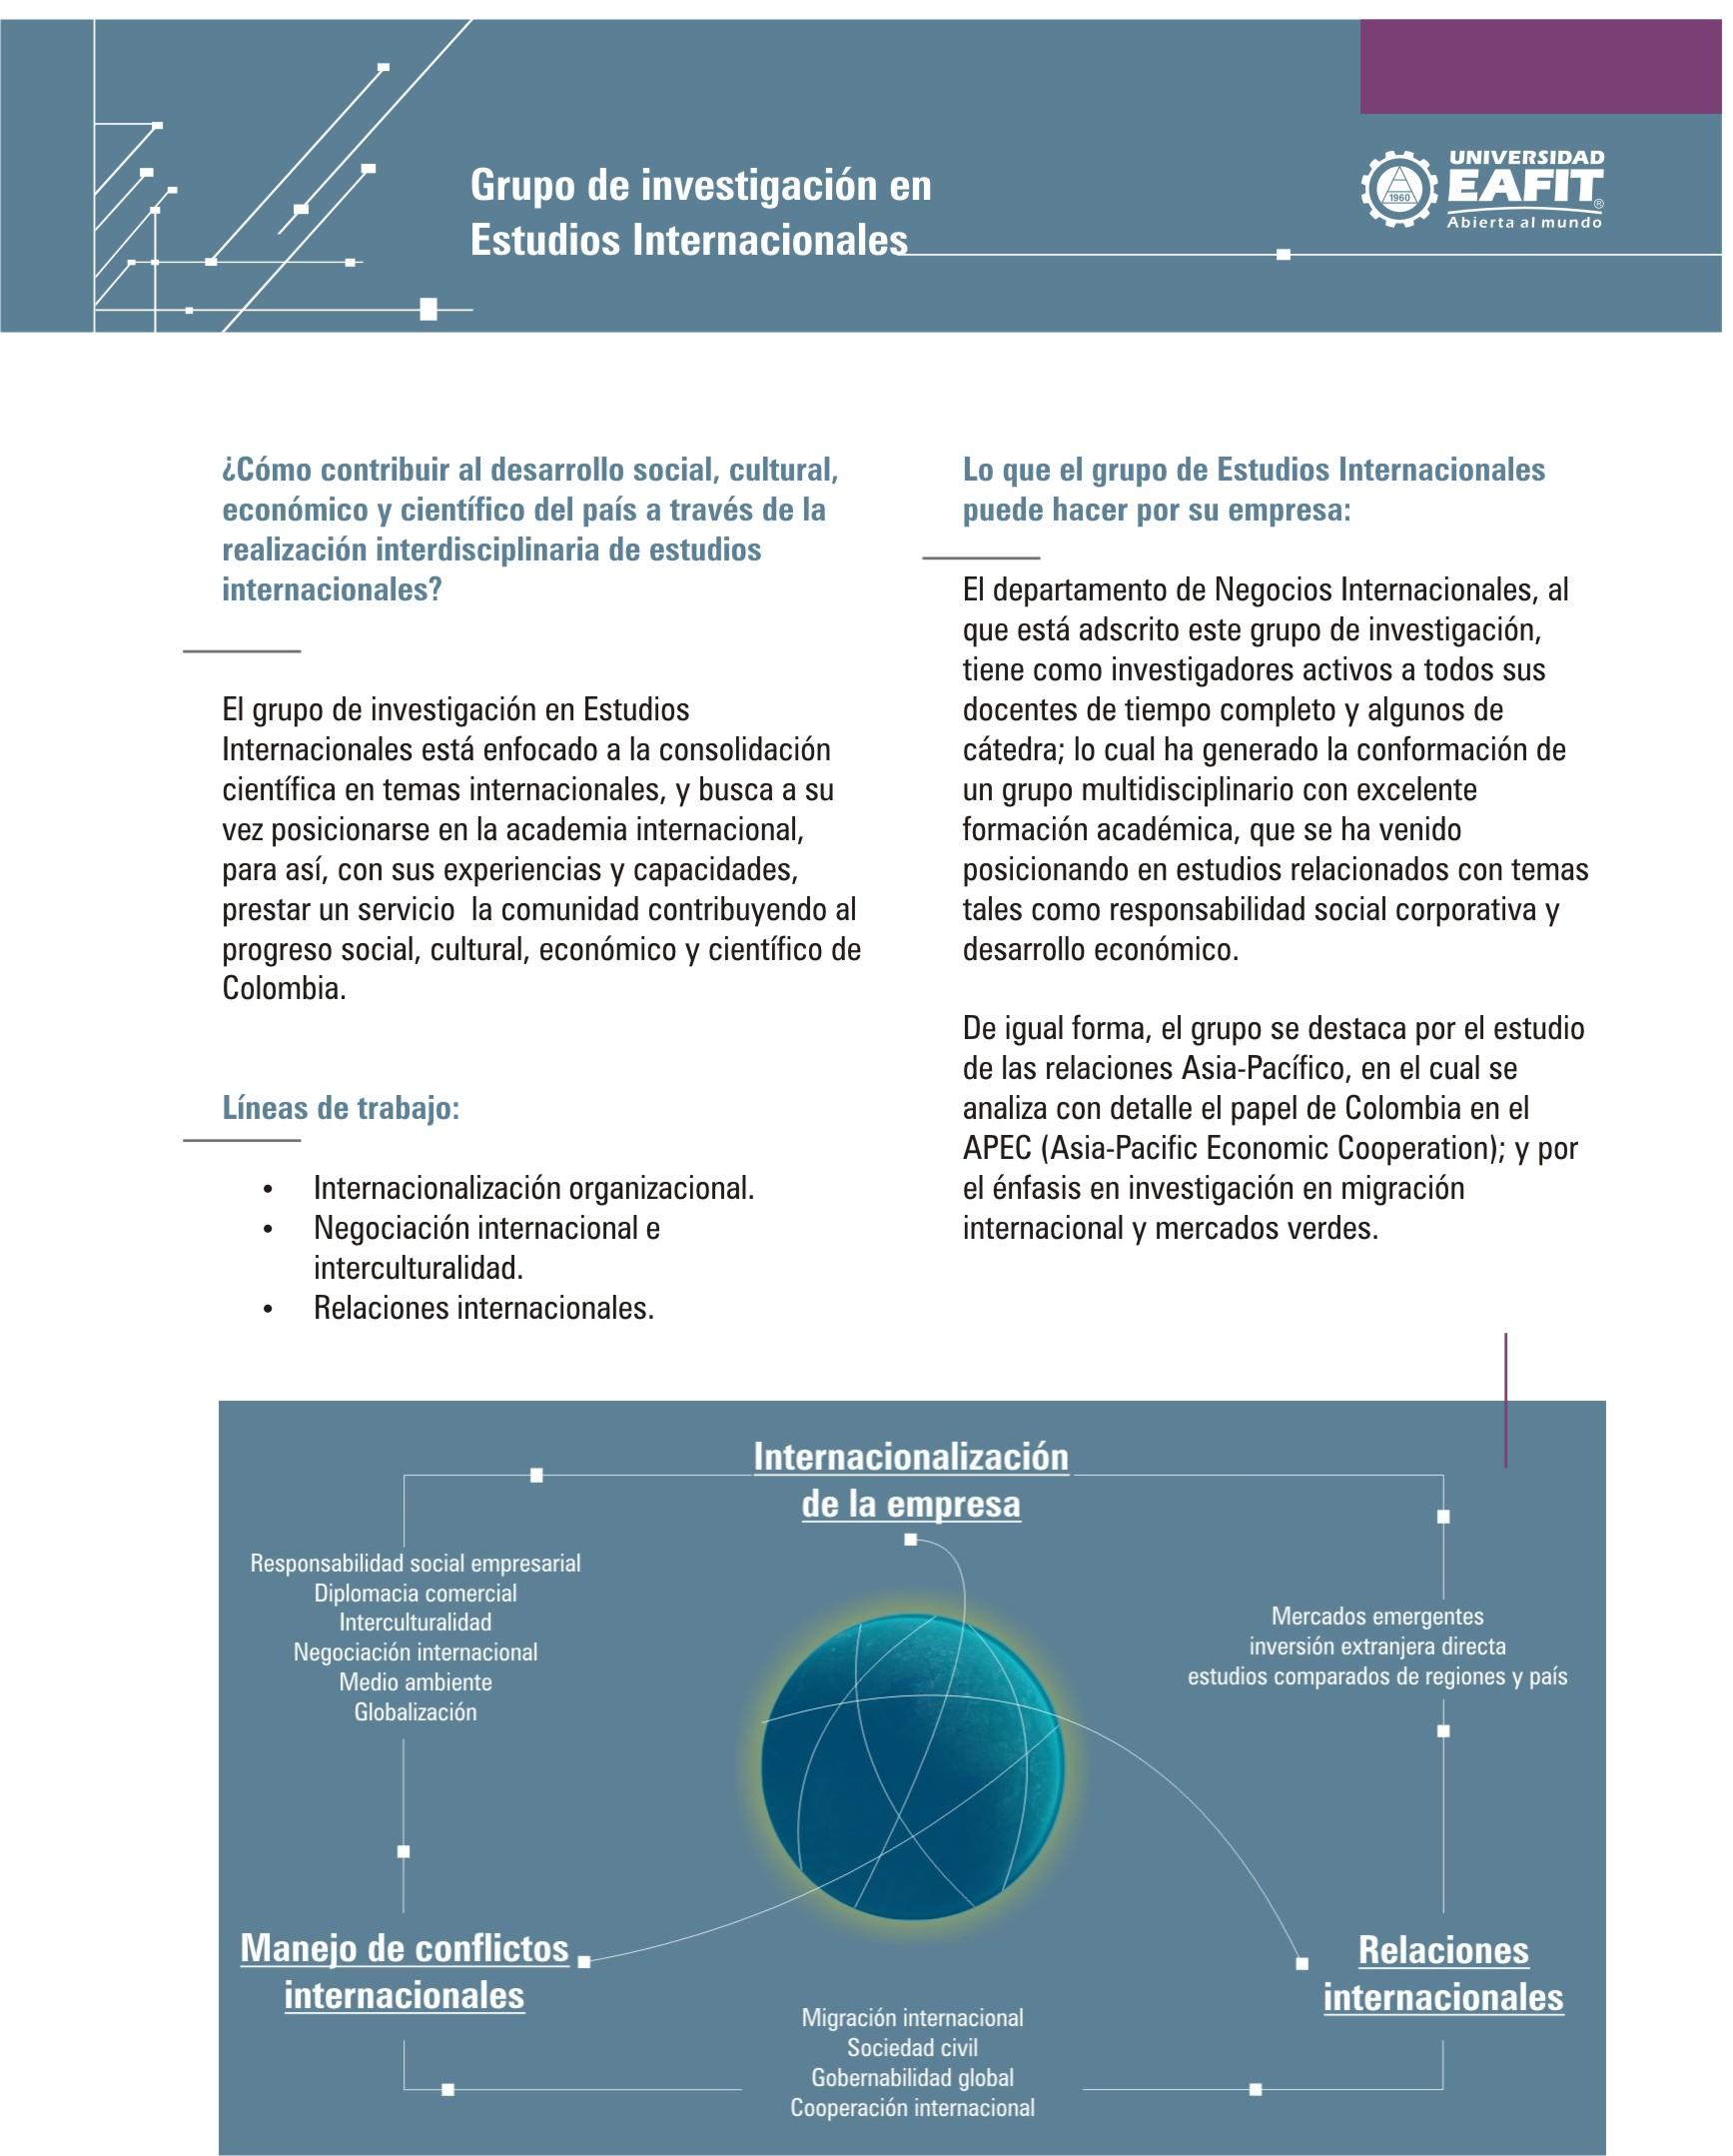 Descripción del Grupo de Investigación en Estudios Internacionales